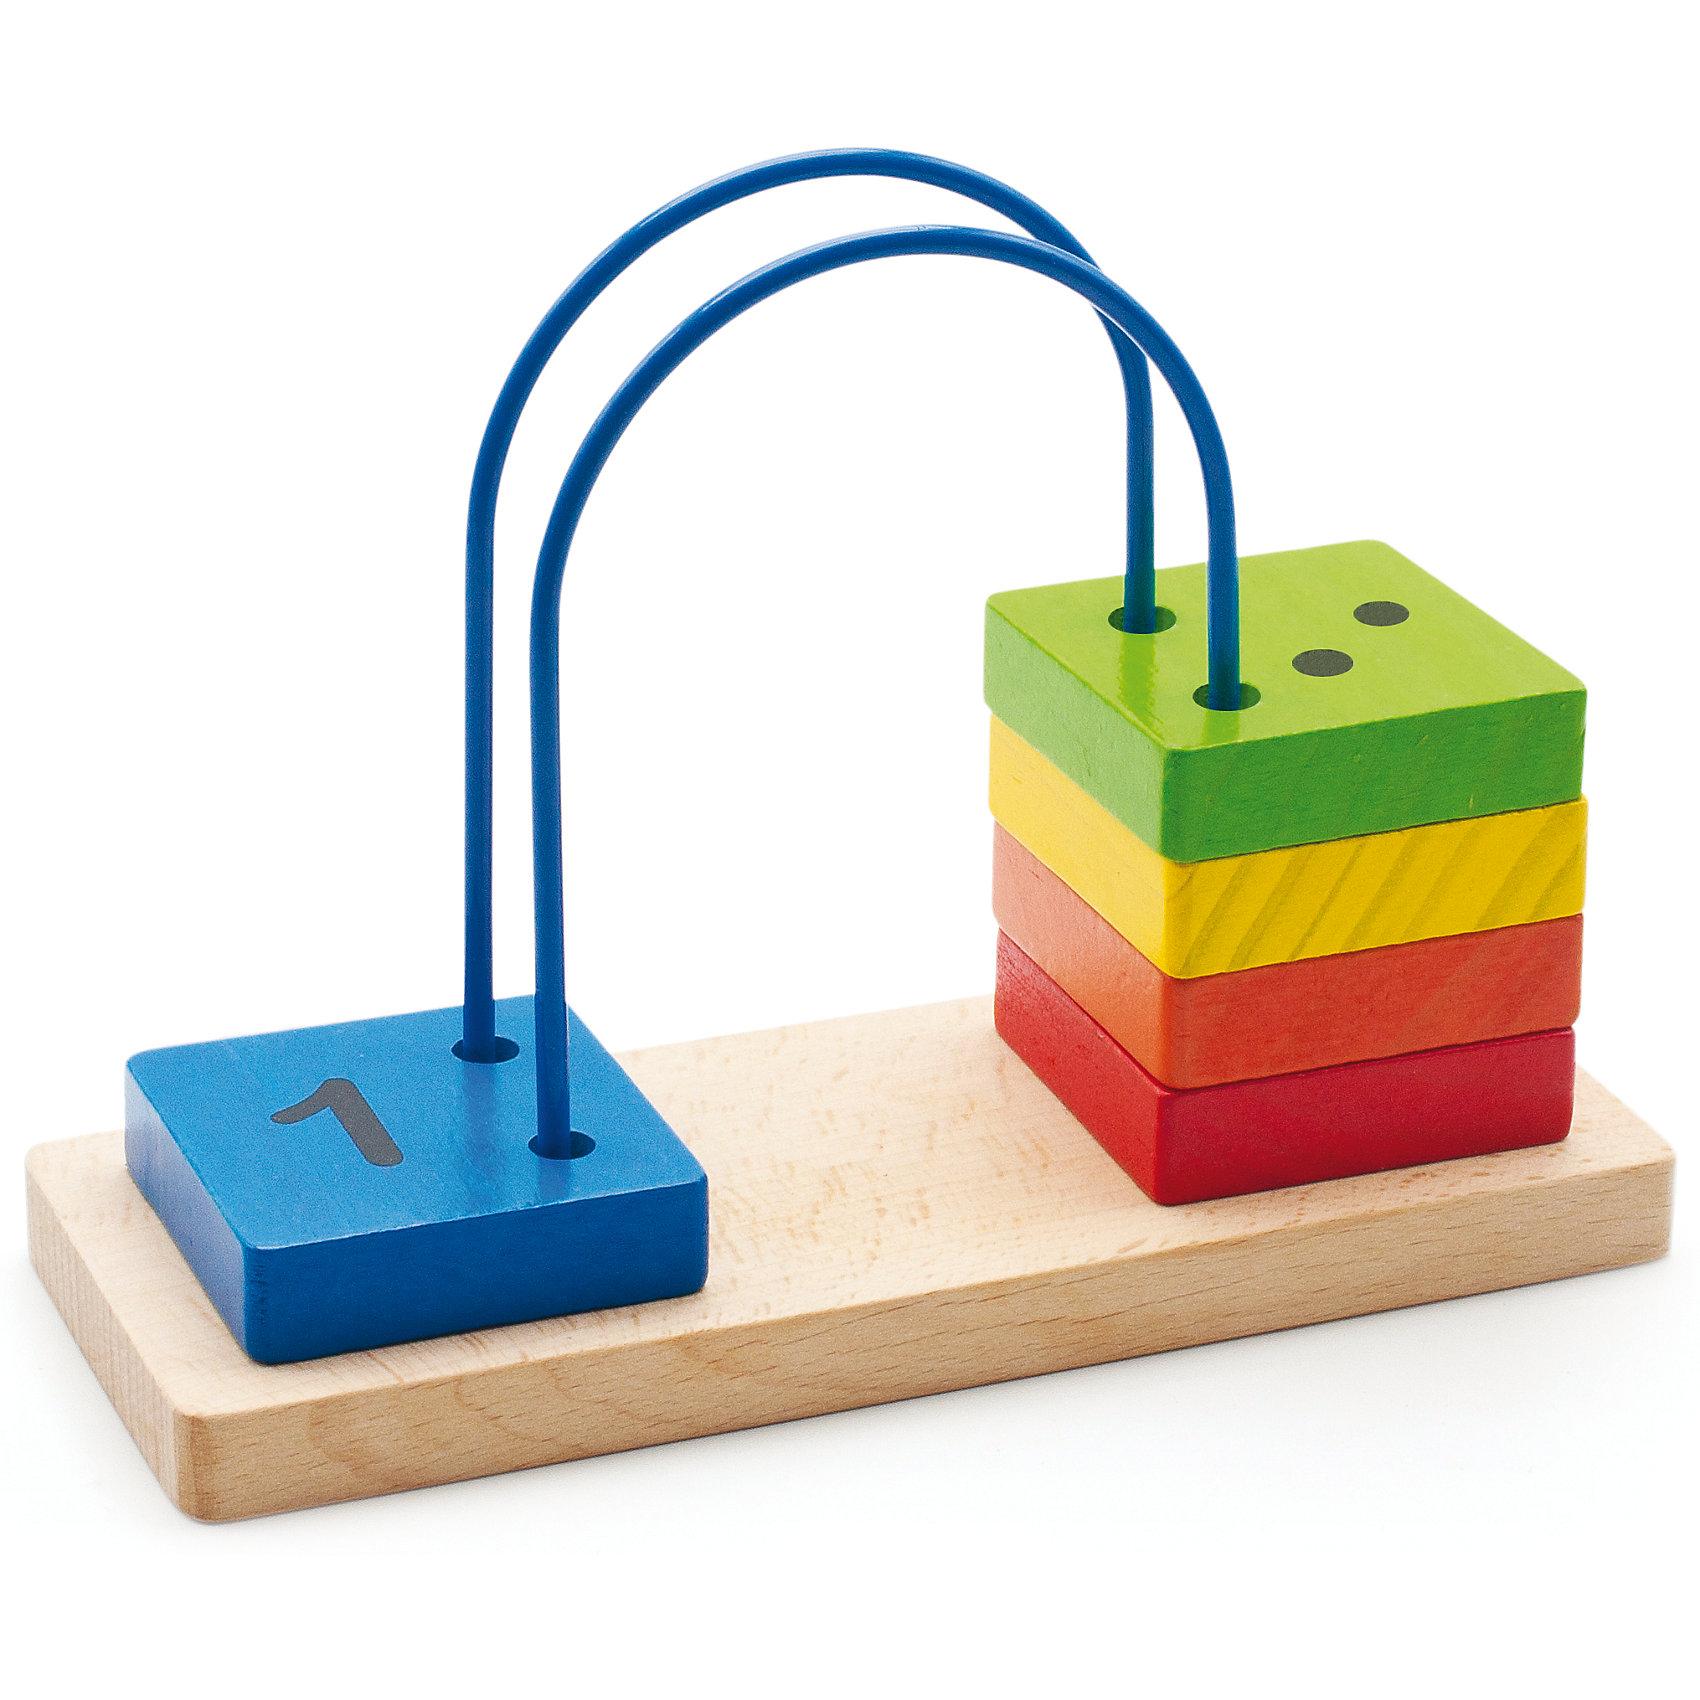 Счеты перекидные малые, Мир деревянных игрушекЗапоминать цифры можно, играя! Специально для самых маленьких разработаны яркие счеты, сделанные из приятного на ощупь дерева, тщательно обработанного и окрашенного. Перекидывая квадратики с цифрами от 1 до 5, малыш будет запоминать их, учиться распознавать цвета, развивать пространственное мышление, память и мелкую моторику. Эти счеты произведены из качественных и безопасных для детей материалов.<br><br>Дополнительная информация:<br><br>цвет: разноцветный;<br>материал: дерево;<br>размер: 22 х 9 х 16 см.<br><br>Счеты перекидные малые от бренда Мир деревянных игрушек можно купить в нашем магазине.<br><br>Ширина мм: 215<br>Глубина мм: 85<br>Высота мм: 155<br>Вес г: 800<br>Возраст от месяцев: 36<br>Возраст до месяцев: 84<br>Пол: Унисекс<br>Возраст: Детский<br>SKU: 4969275